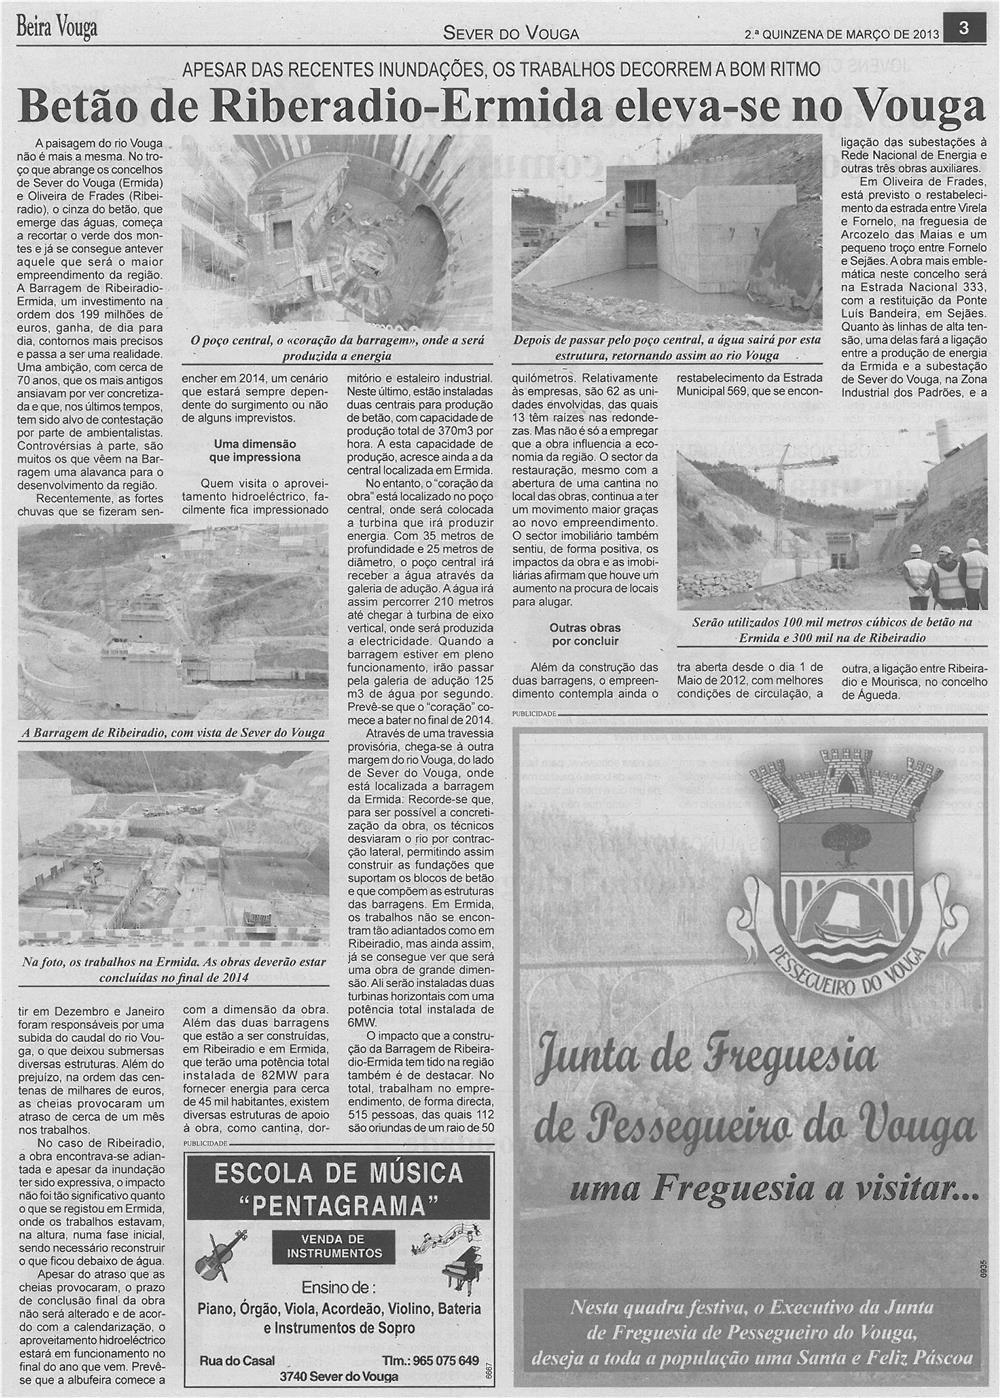 BV-2ªmar13-p3-Betão de Ribeiradio-Ermida eleva-se no Vouga